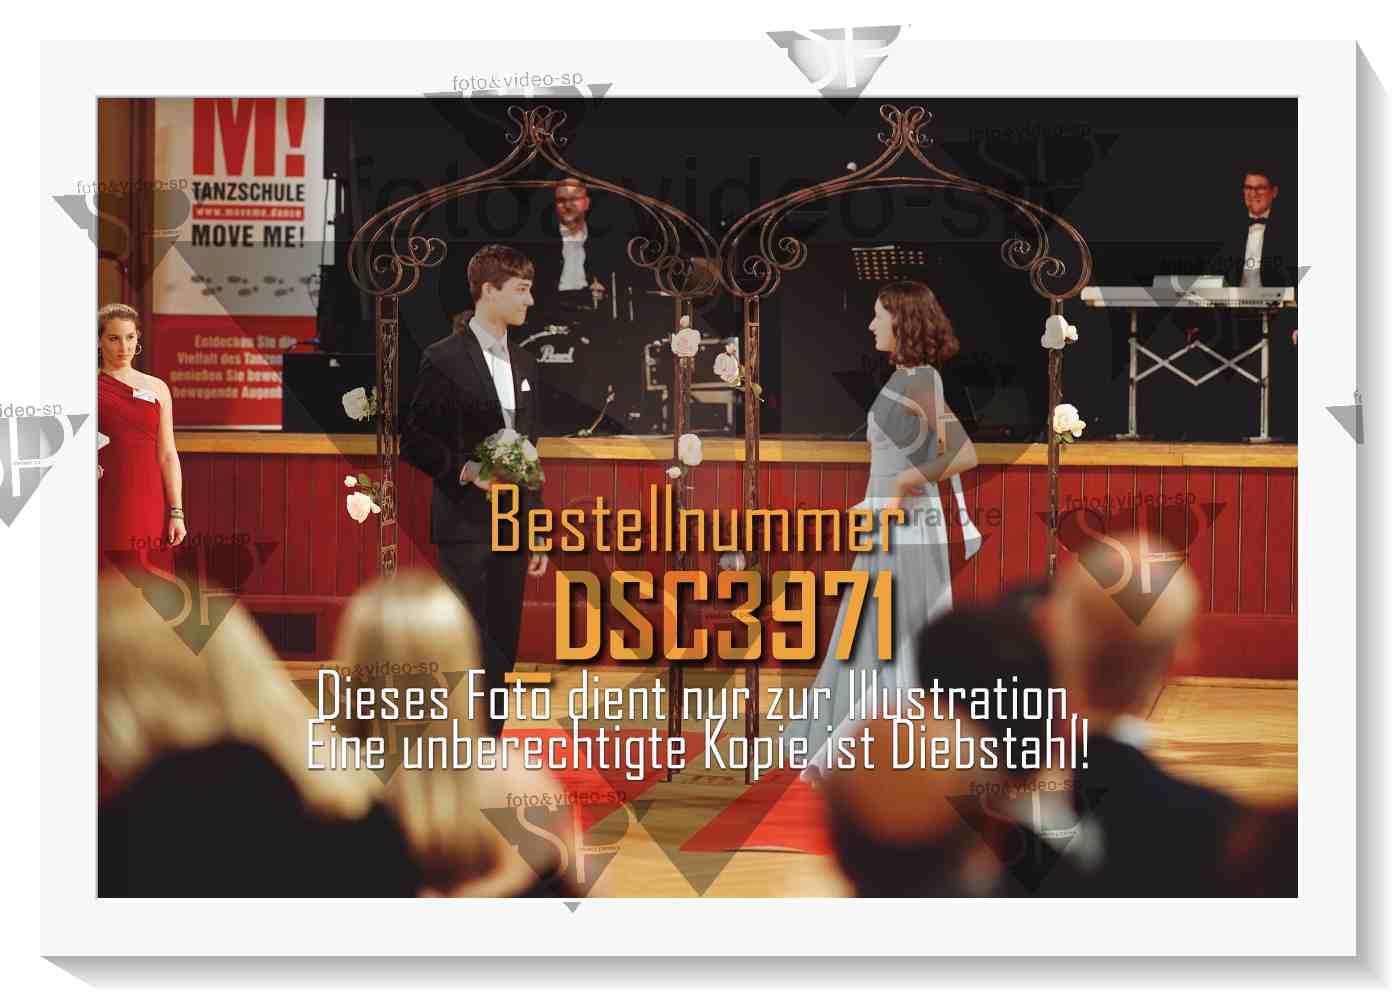 DSC3971